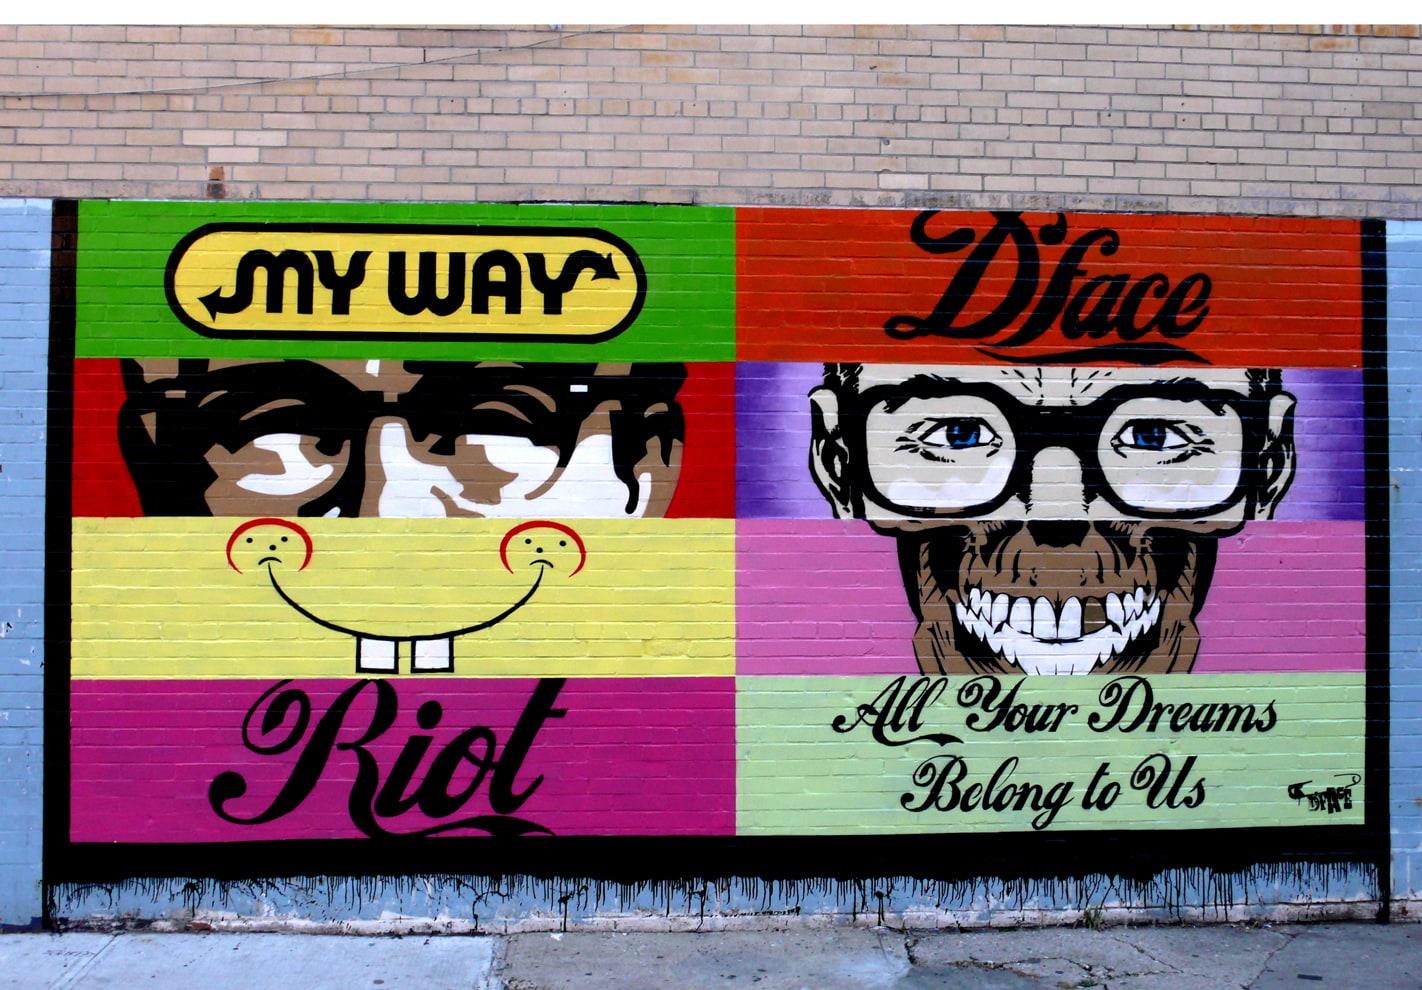 brooklyn-street-art-d-face-3-jaime-rojo-09-09